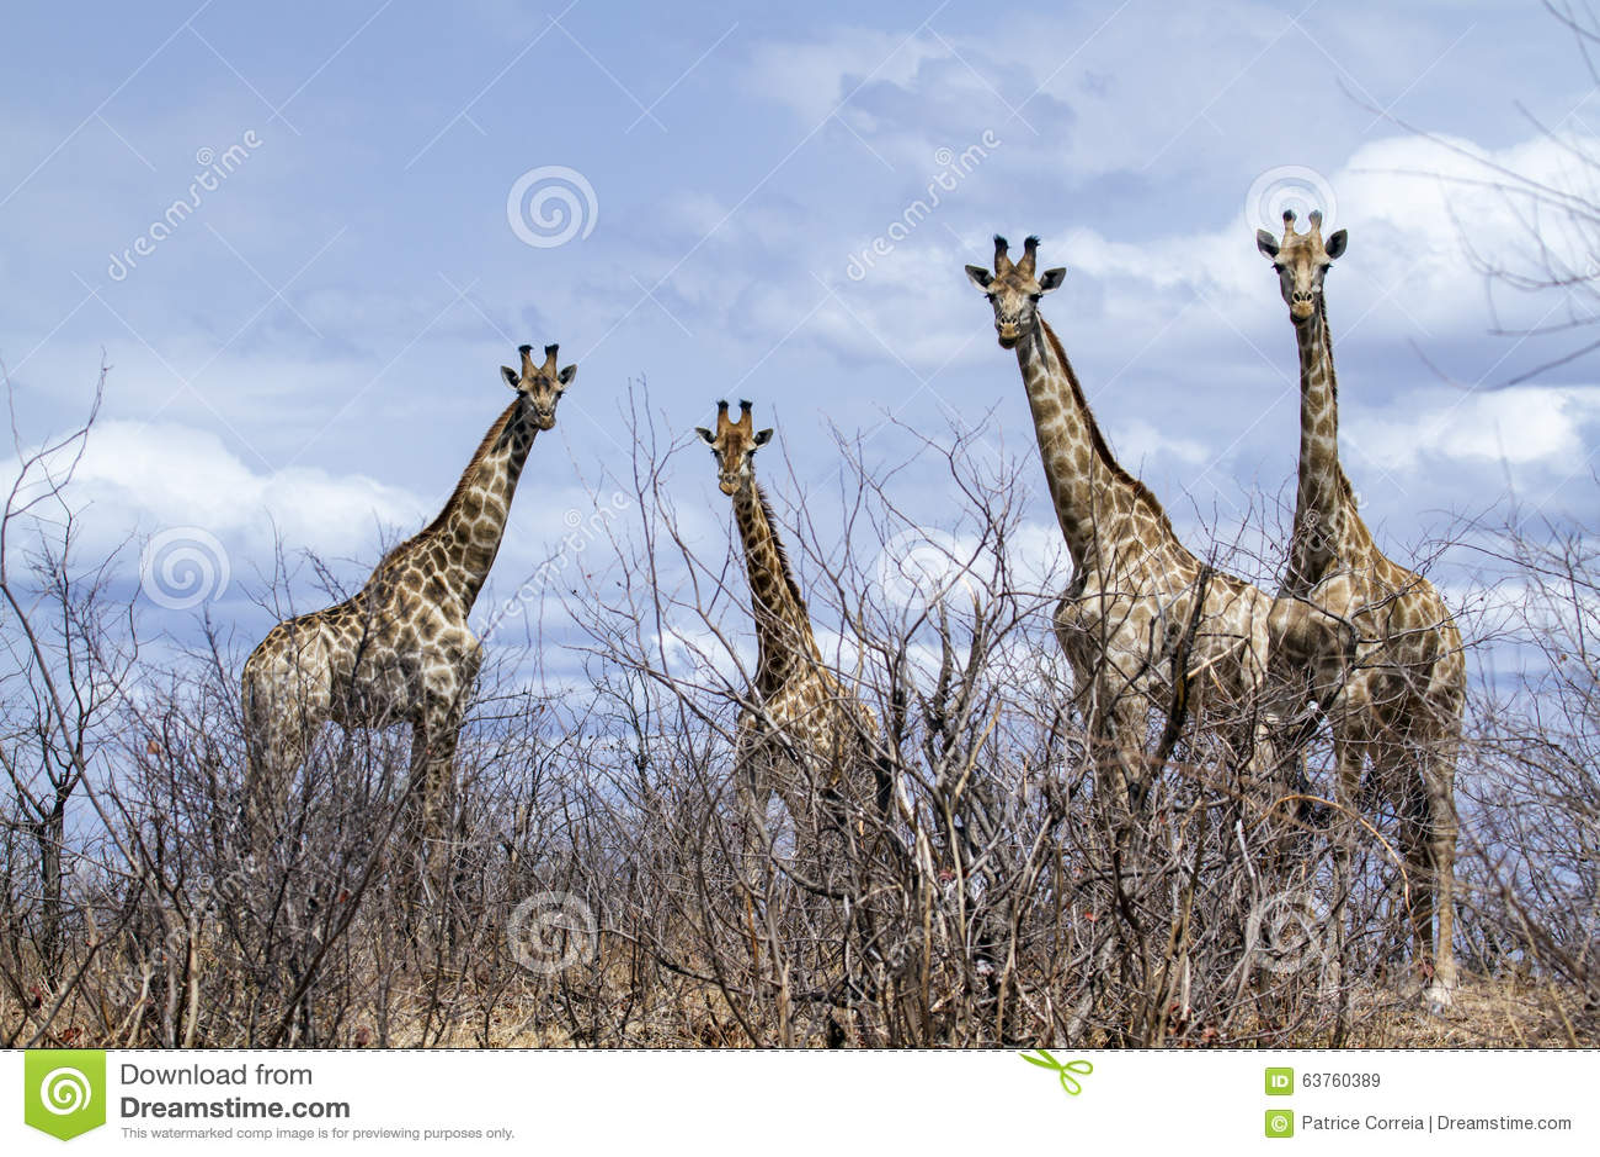 Gruppo di giraffe nel parco nazionale di Kruger, nella strada, il Sudafrica